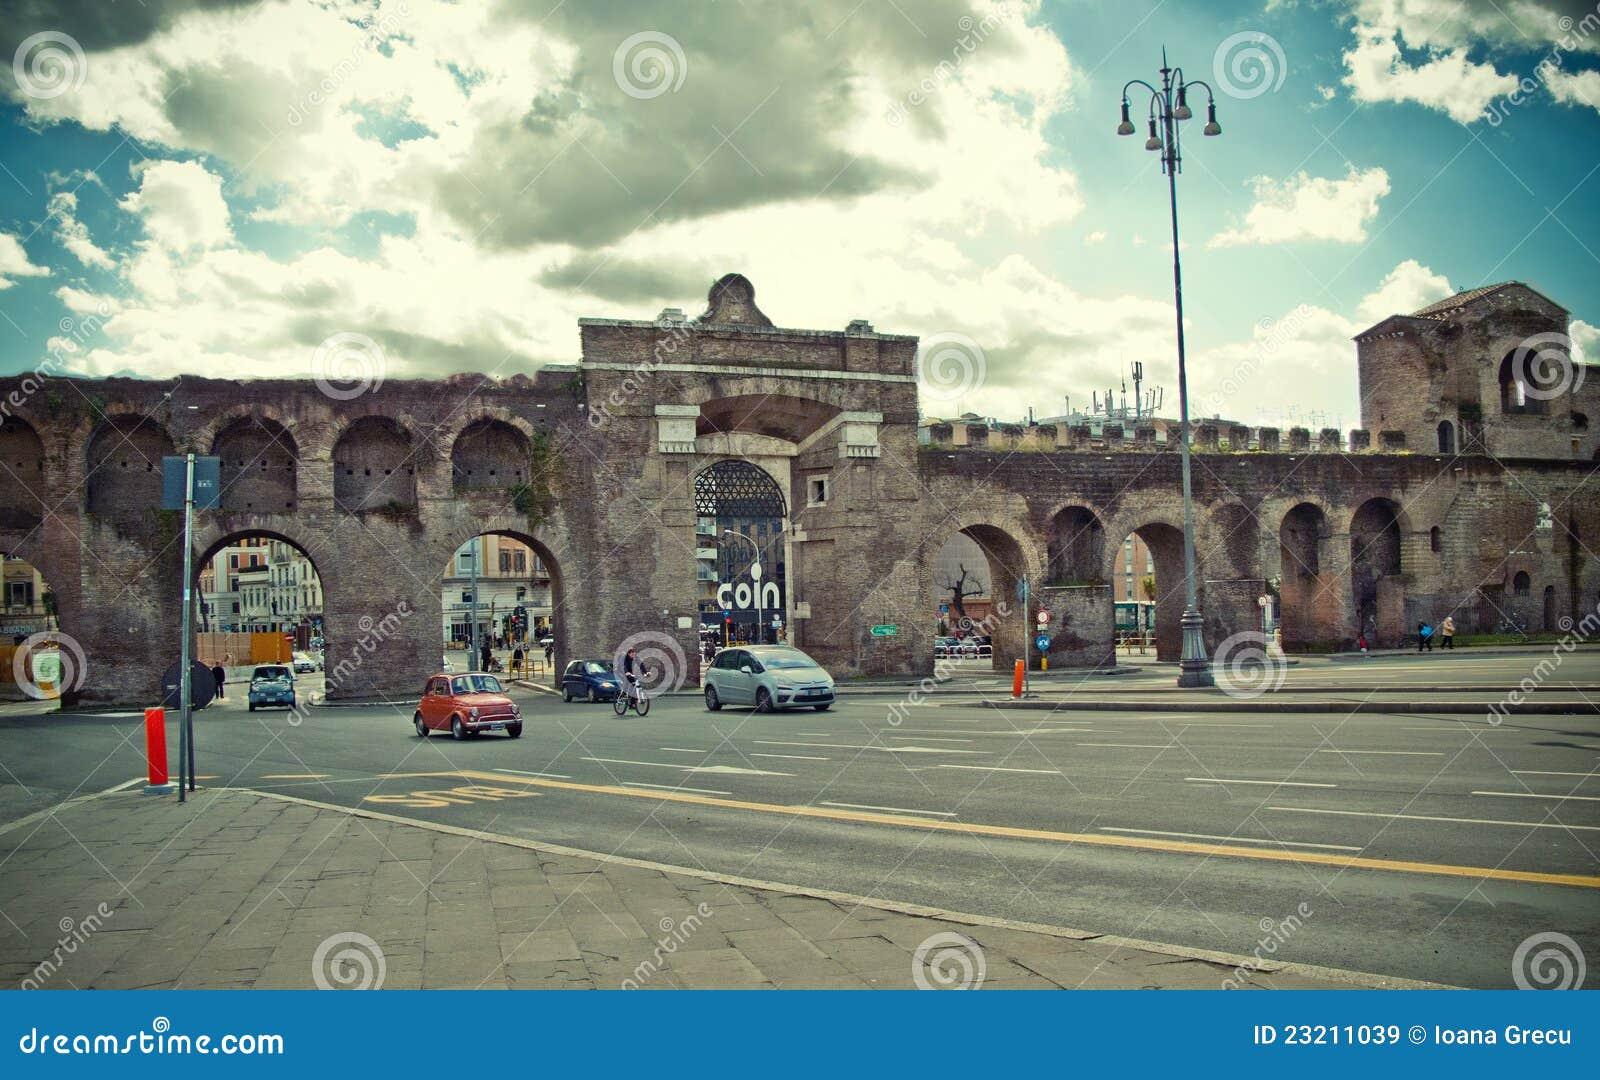 Porta maggiore rome italy editorial stock image image - Rome porta maggiore ...